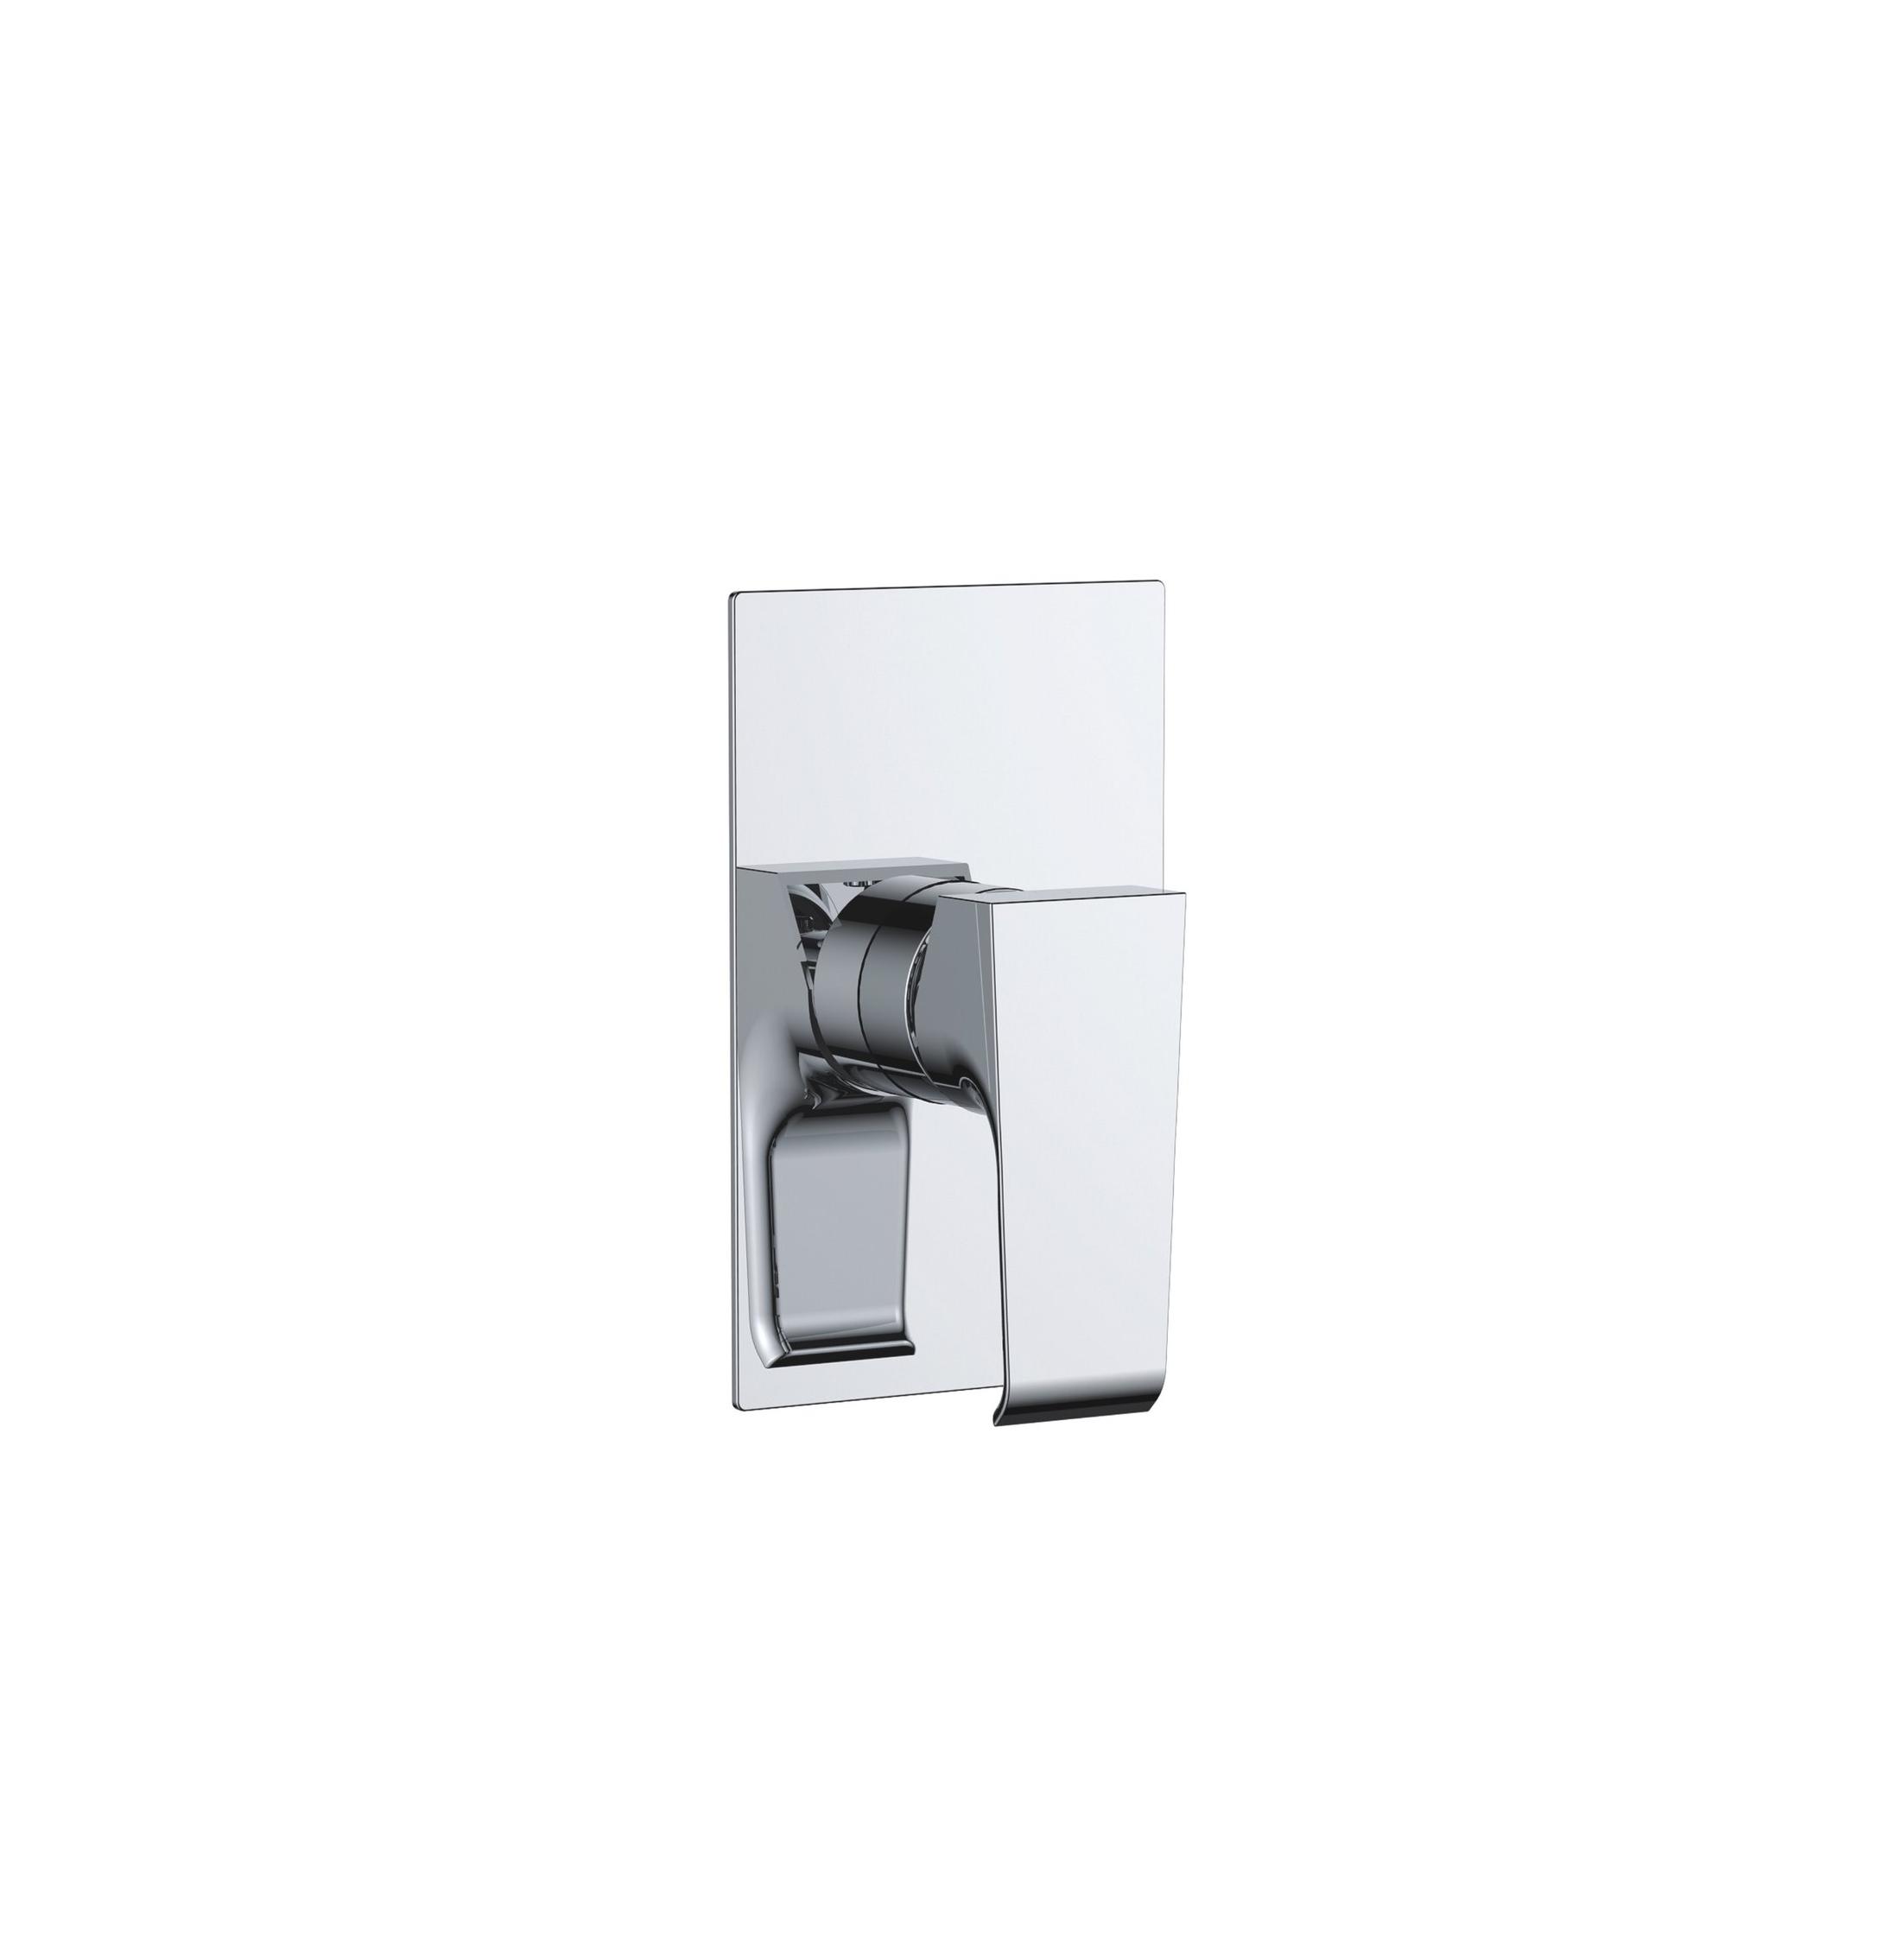 716-112:Concealed shower valve